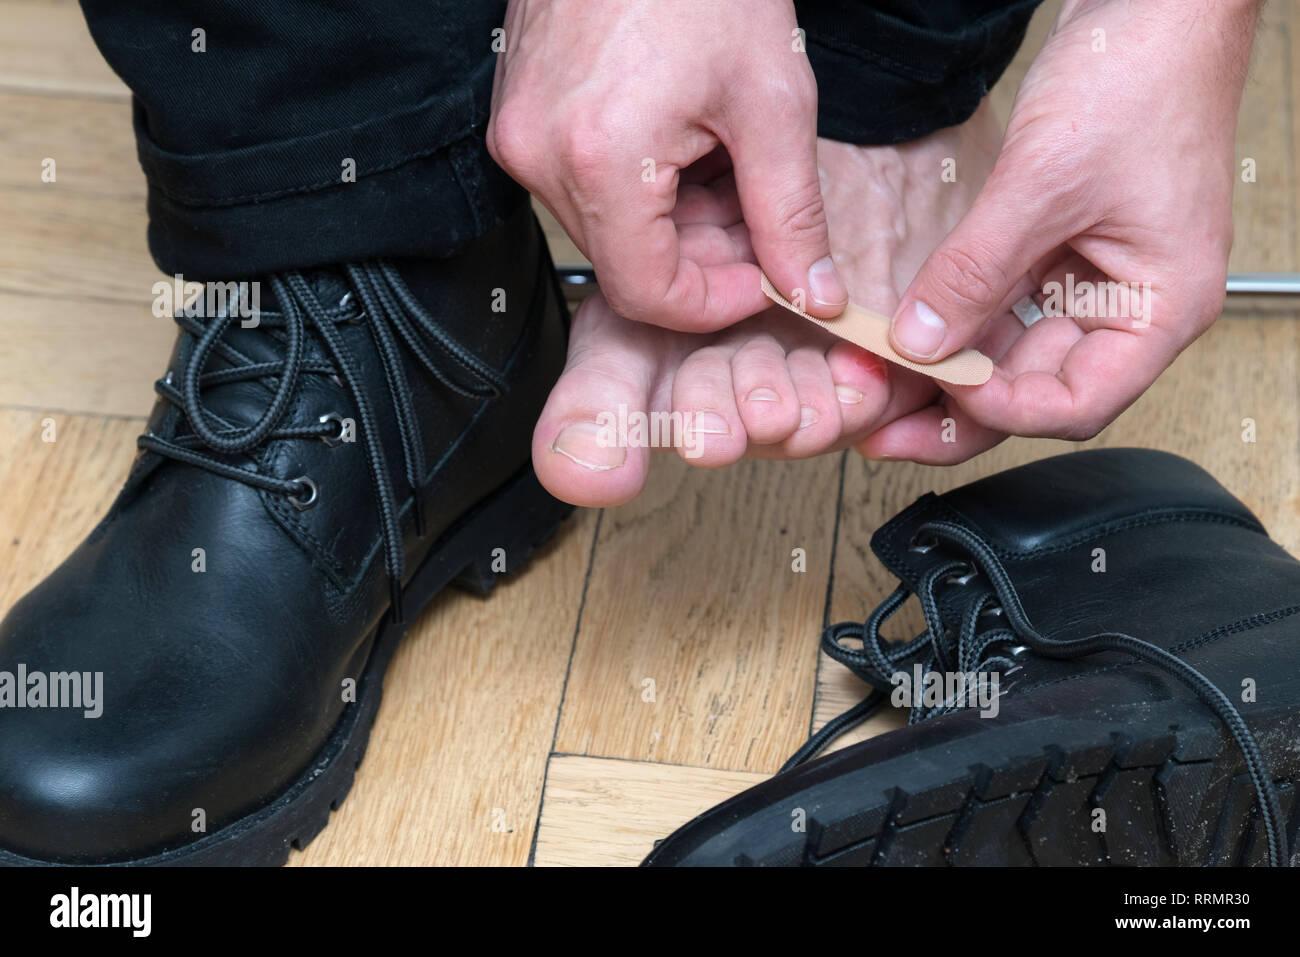 Mans hand Anwendung Putz auf schreckliche Blase auf der Ferse. Nasse blutigen Schmerzen im Bereich der Haut auf den Menschen Fuß mit medizinischen Gips. Schmerzende Wunde auf mans Füße Cau Stockbild